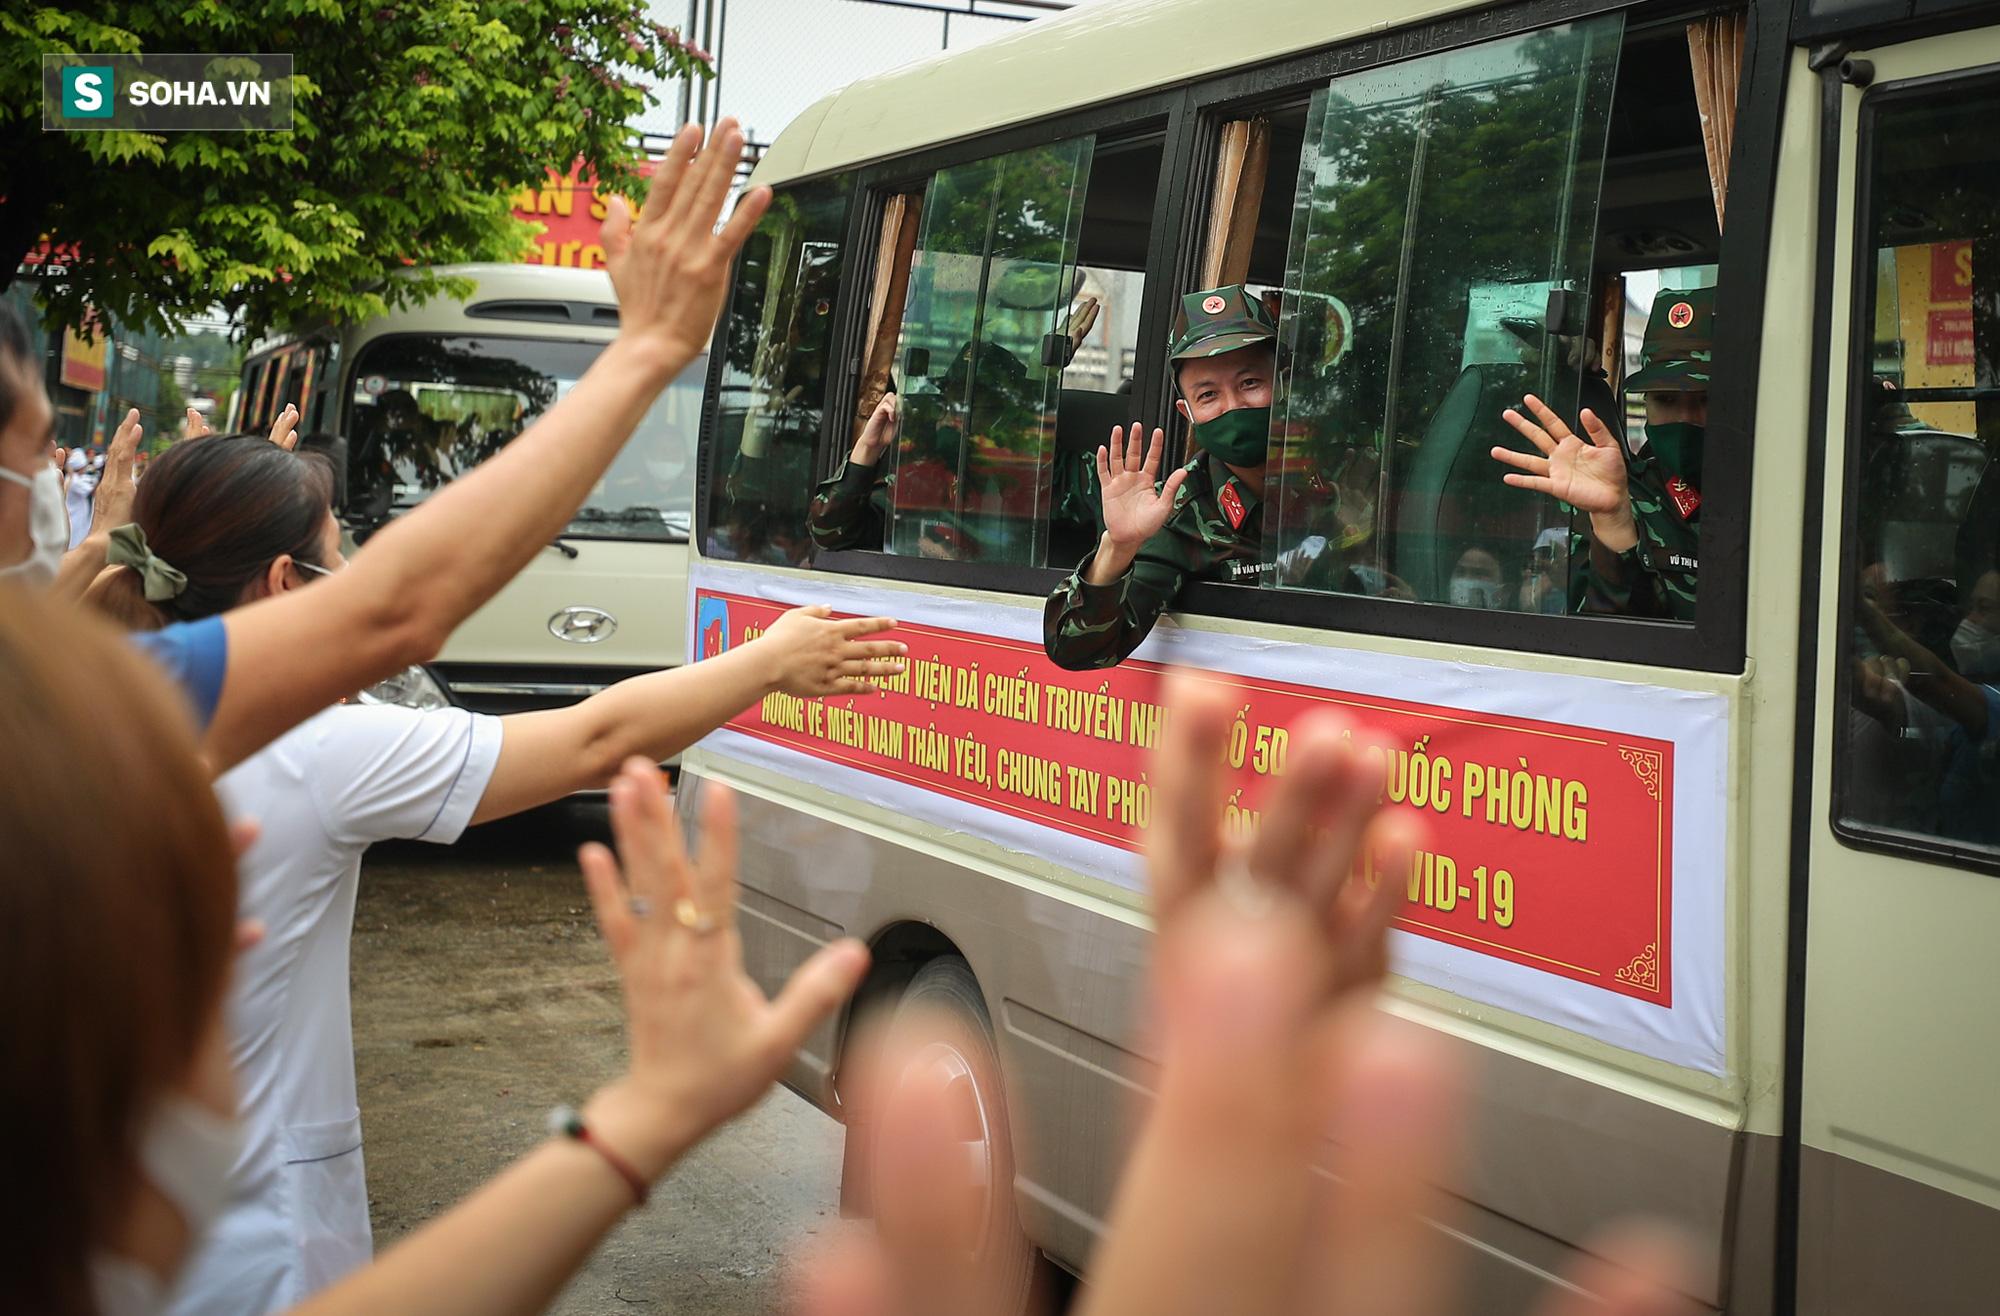 Khoảnh khắc xúc động của 130 y bác sĩ lên đường chi viện cho miền Nam chống dịch - Ảnh 12.